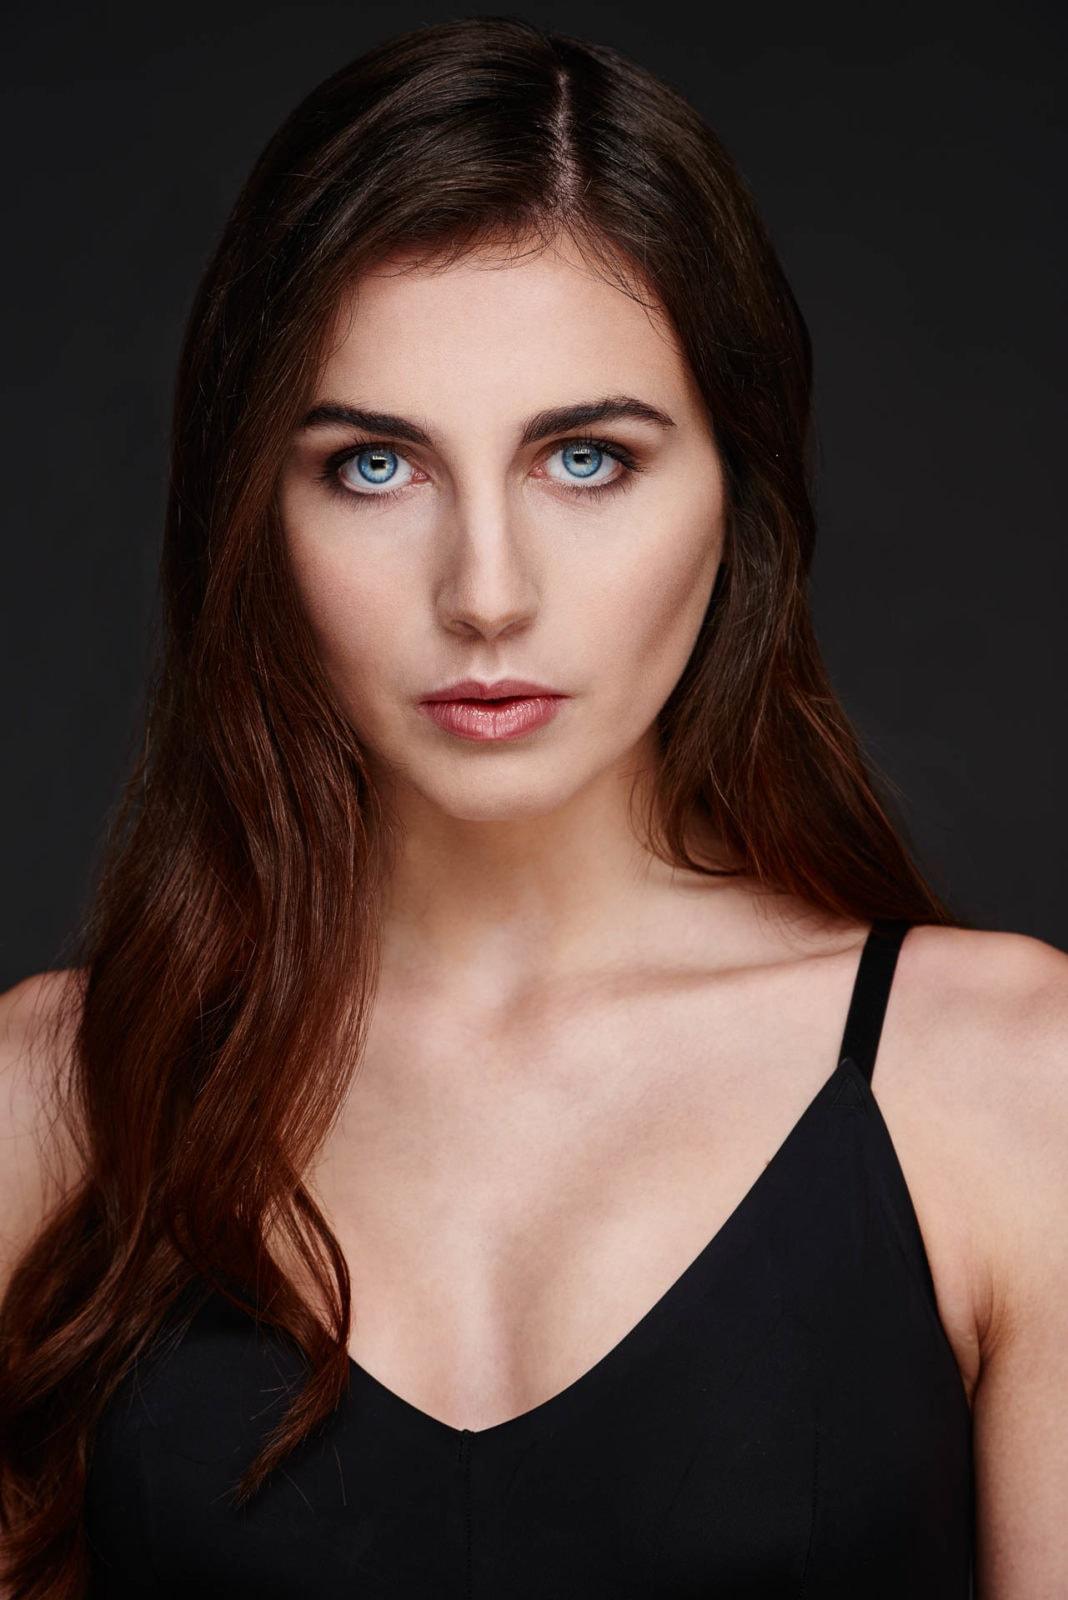 Werbefotograf Markus Mielek inszeniert das Model Marie für die Sedcard im Studio - eindringliches Portrait